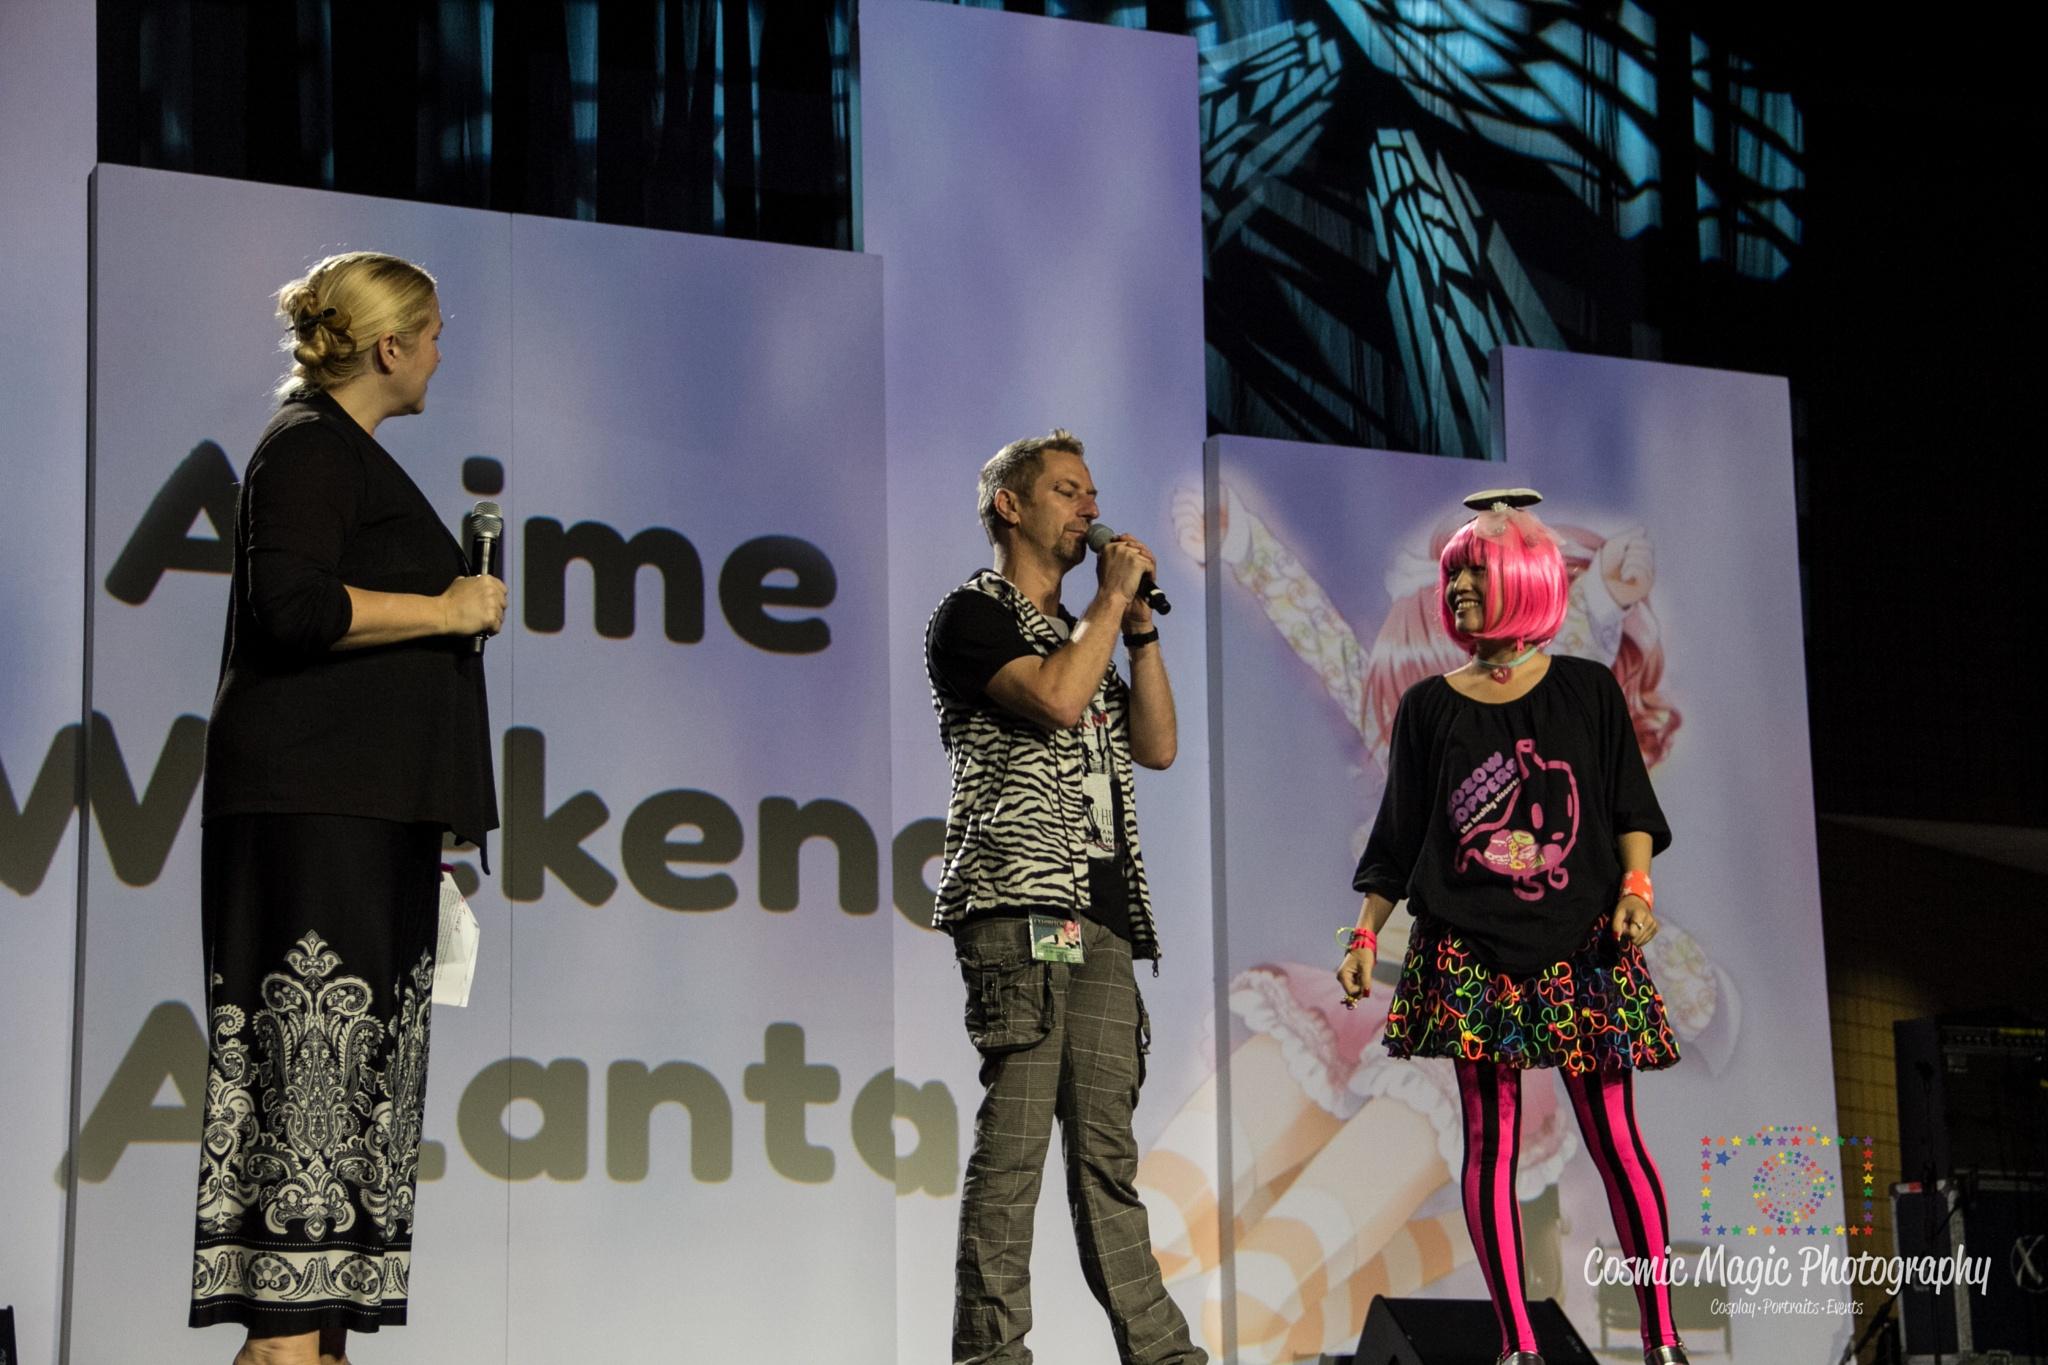 Anime Weekend Atlanta 2015 - Opening Ceremonies by Gina Adkins